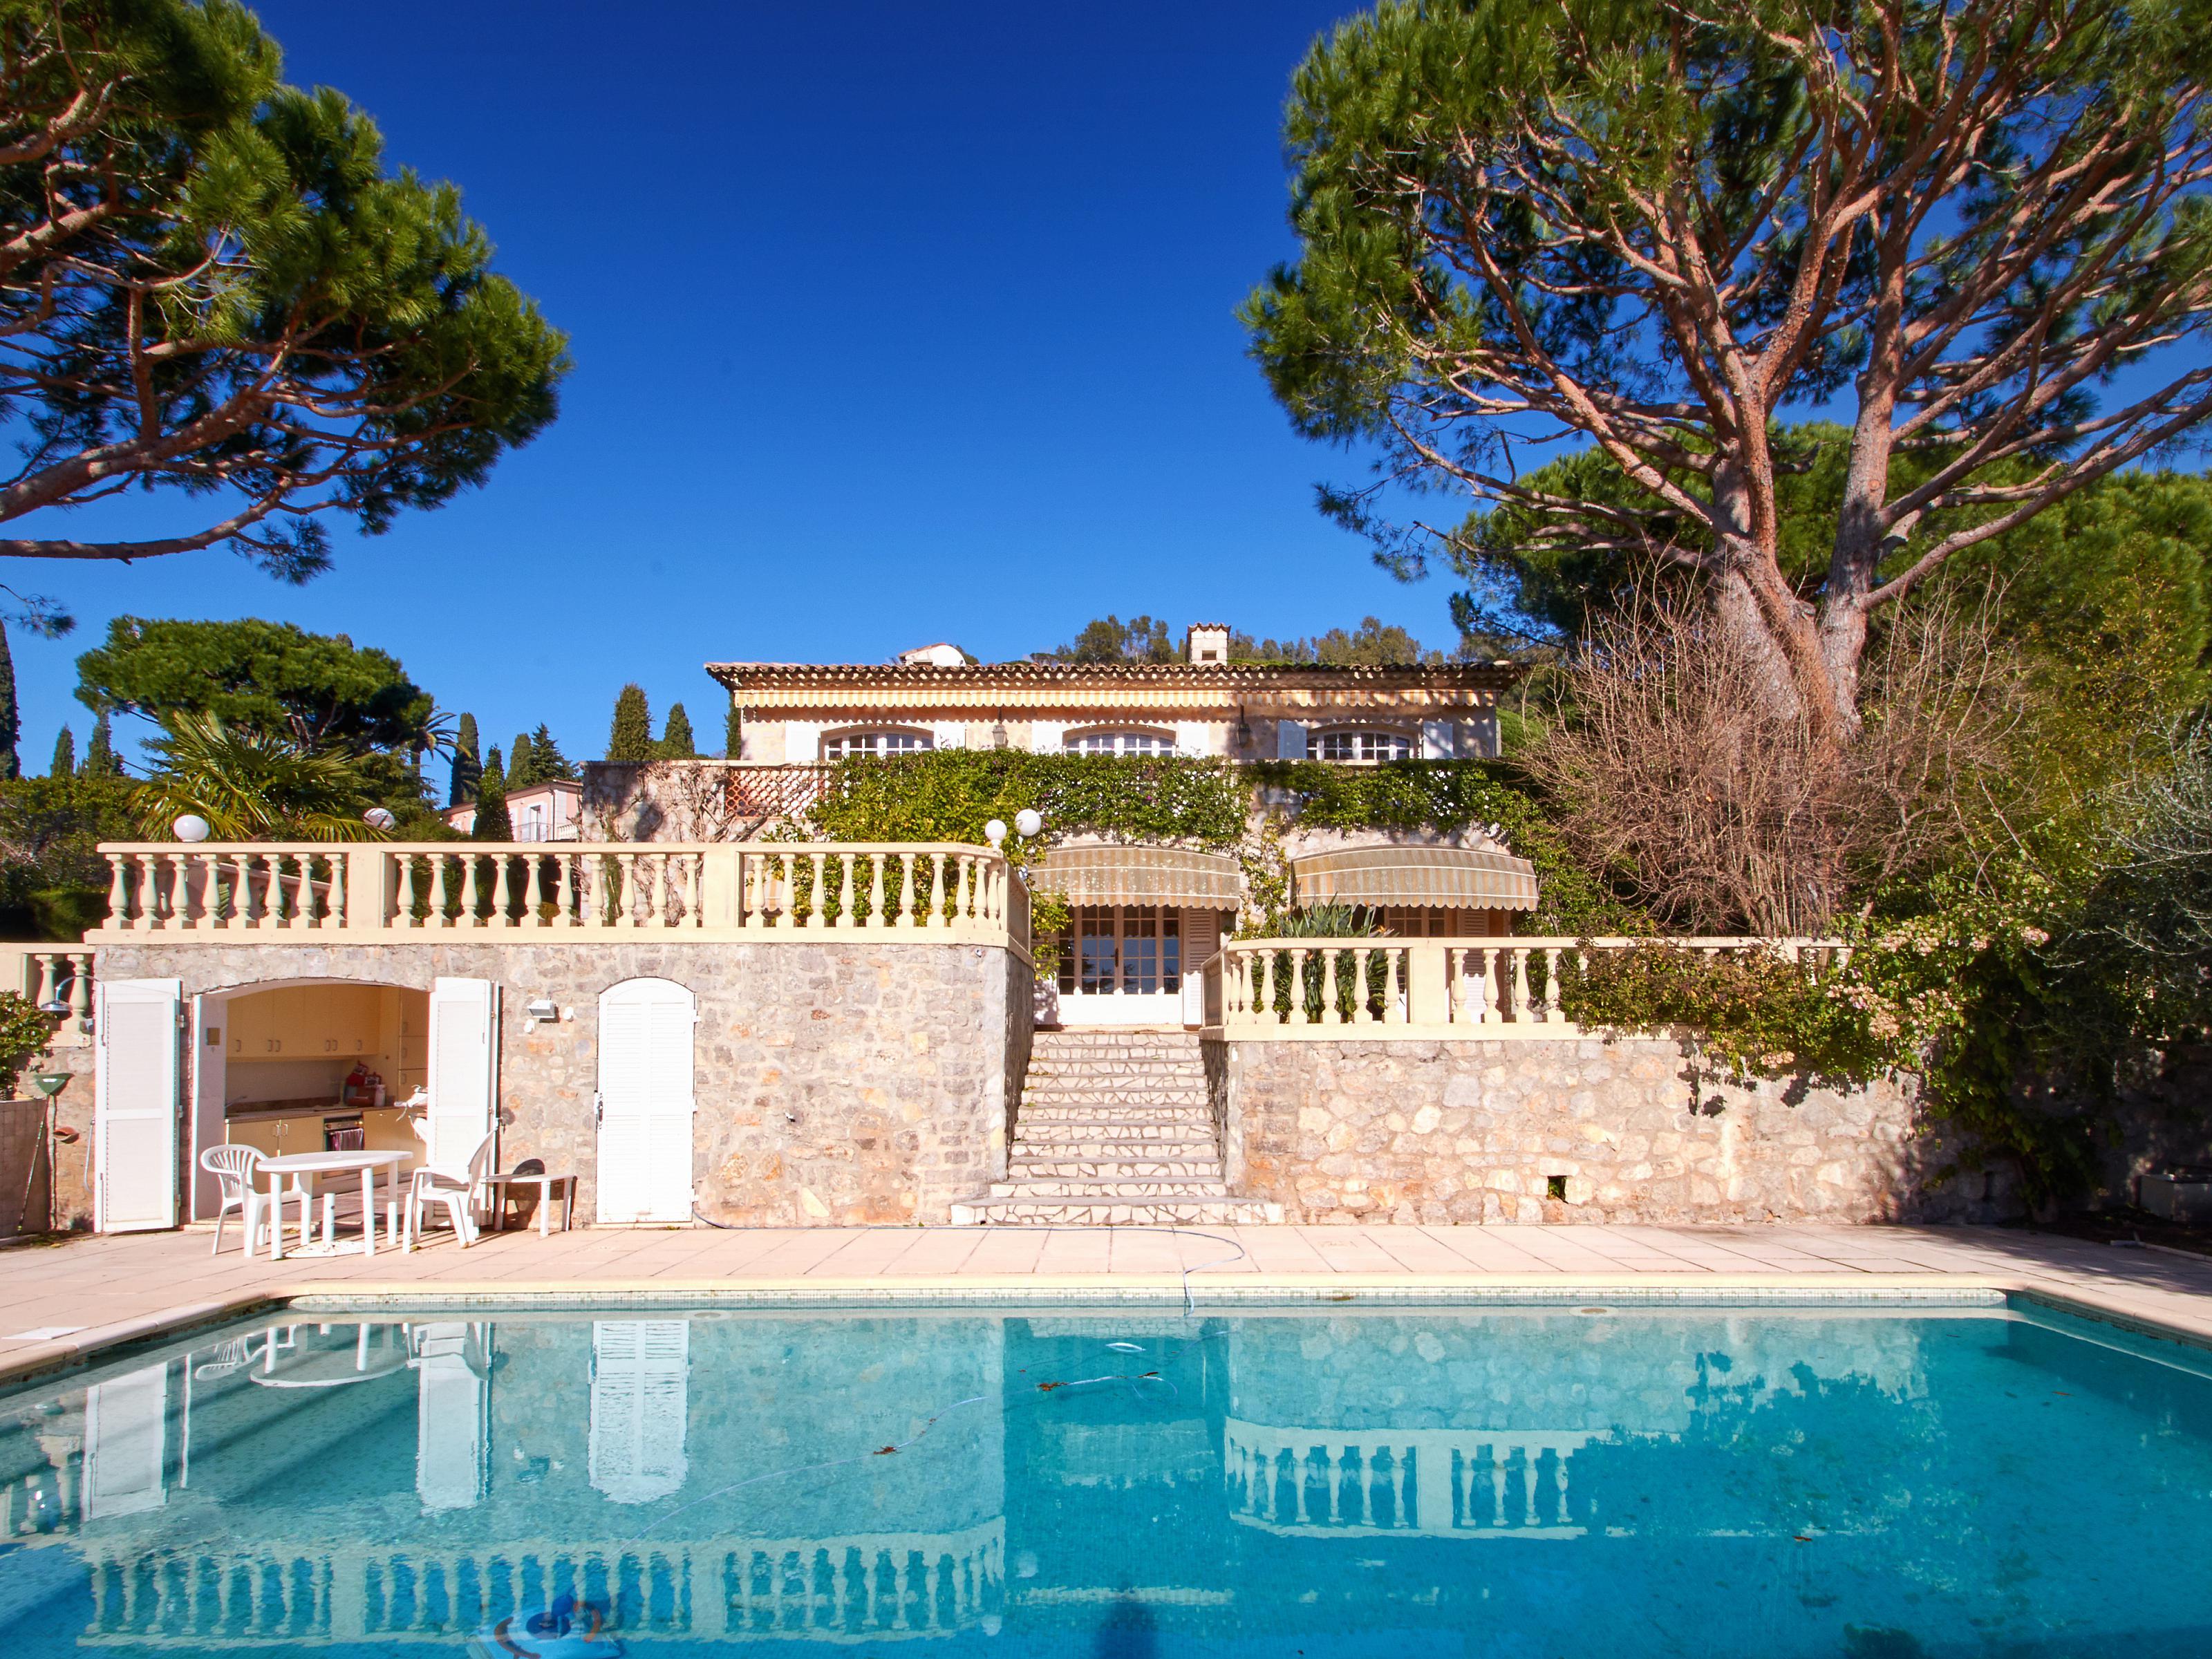 Casa Unifamiliar por un Venta en Sole agent - Cannes - Villa with sea views Cannes, Provincia - Alpes - Costa Azul 06150 Francia